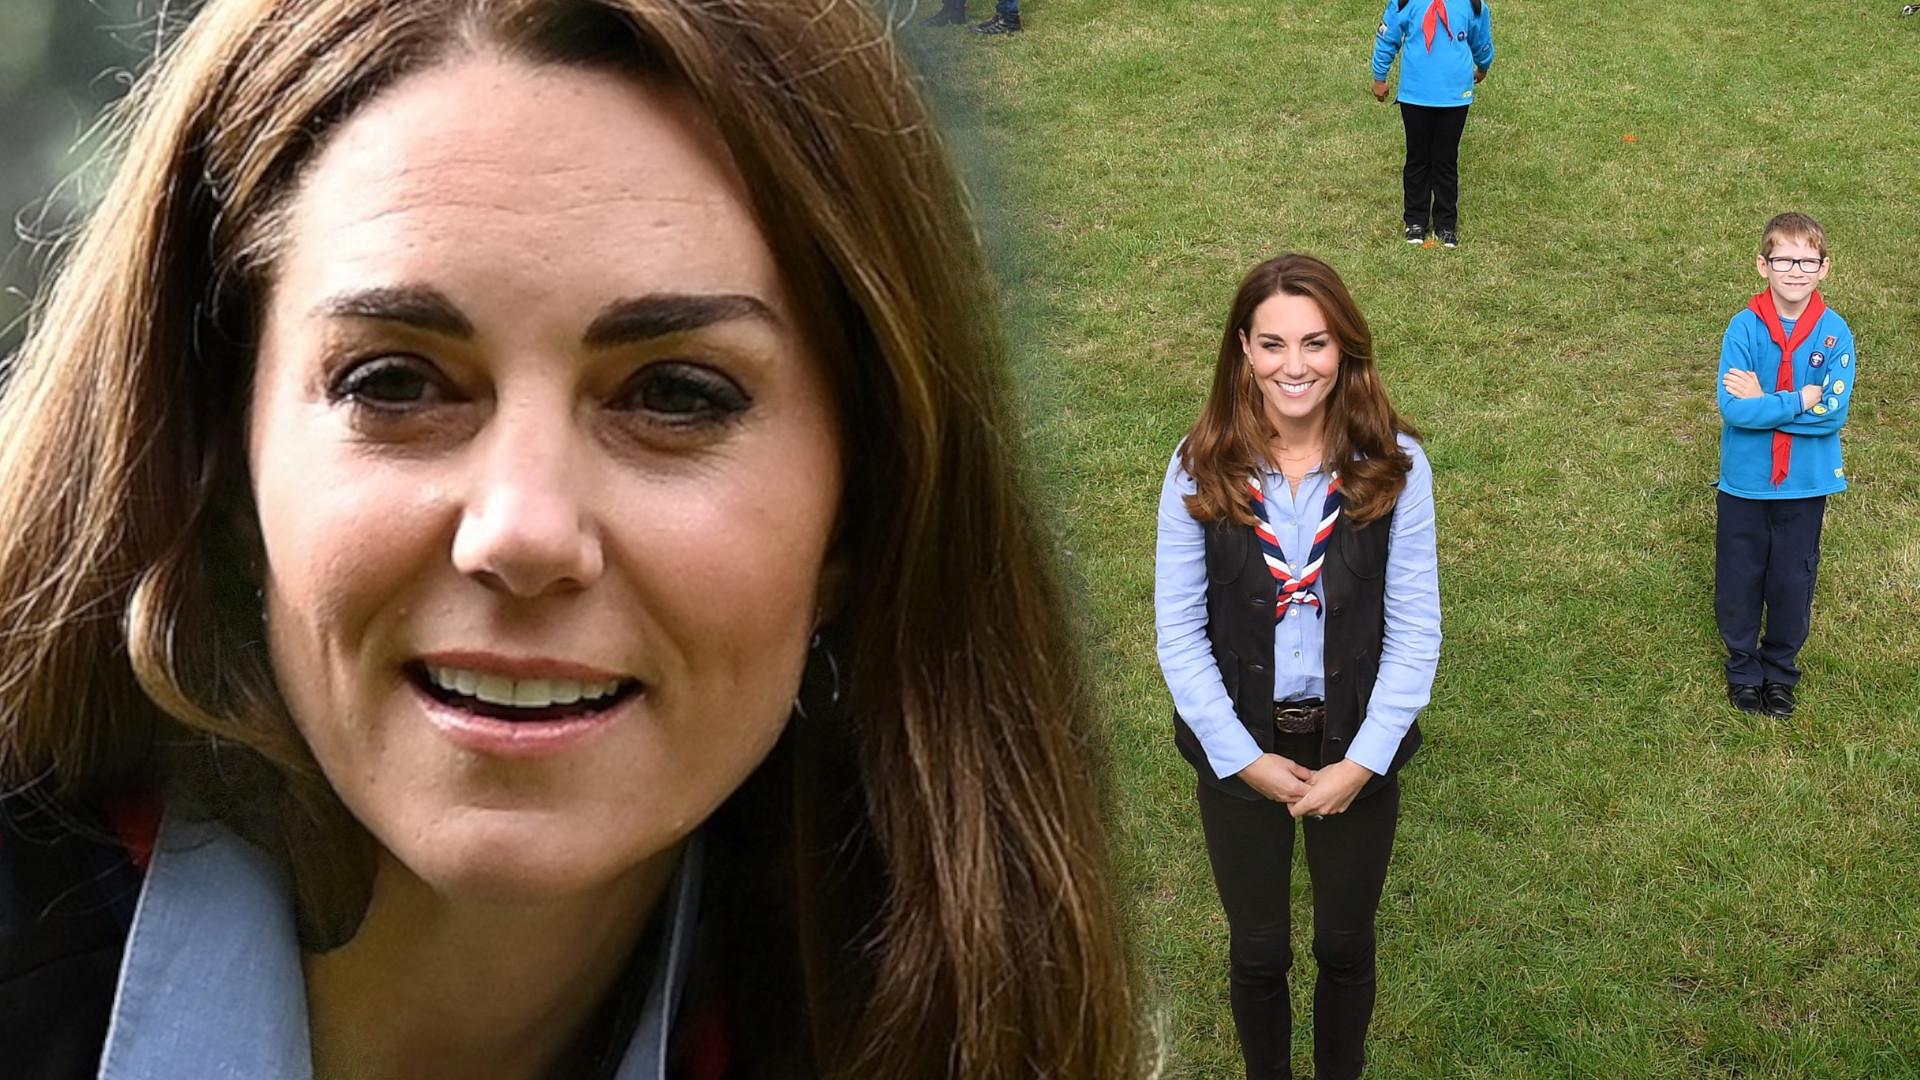 Księżna Kate spotkała się ze skautami. Te spodnie jeszcze bardziej podkreśliły jej chudziutkie nóżki